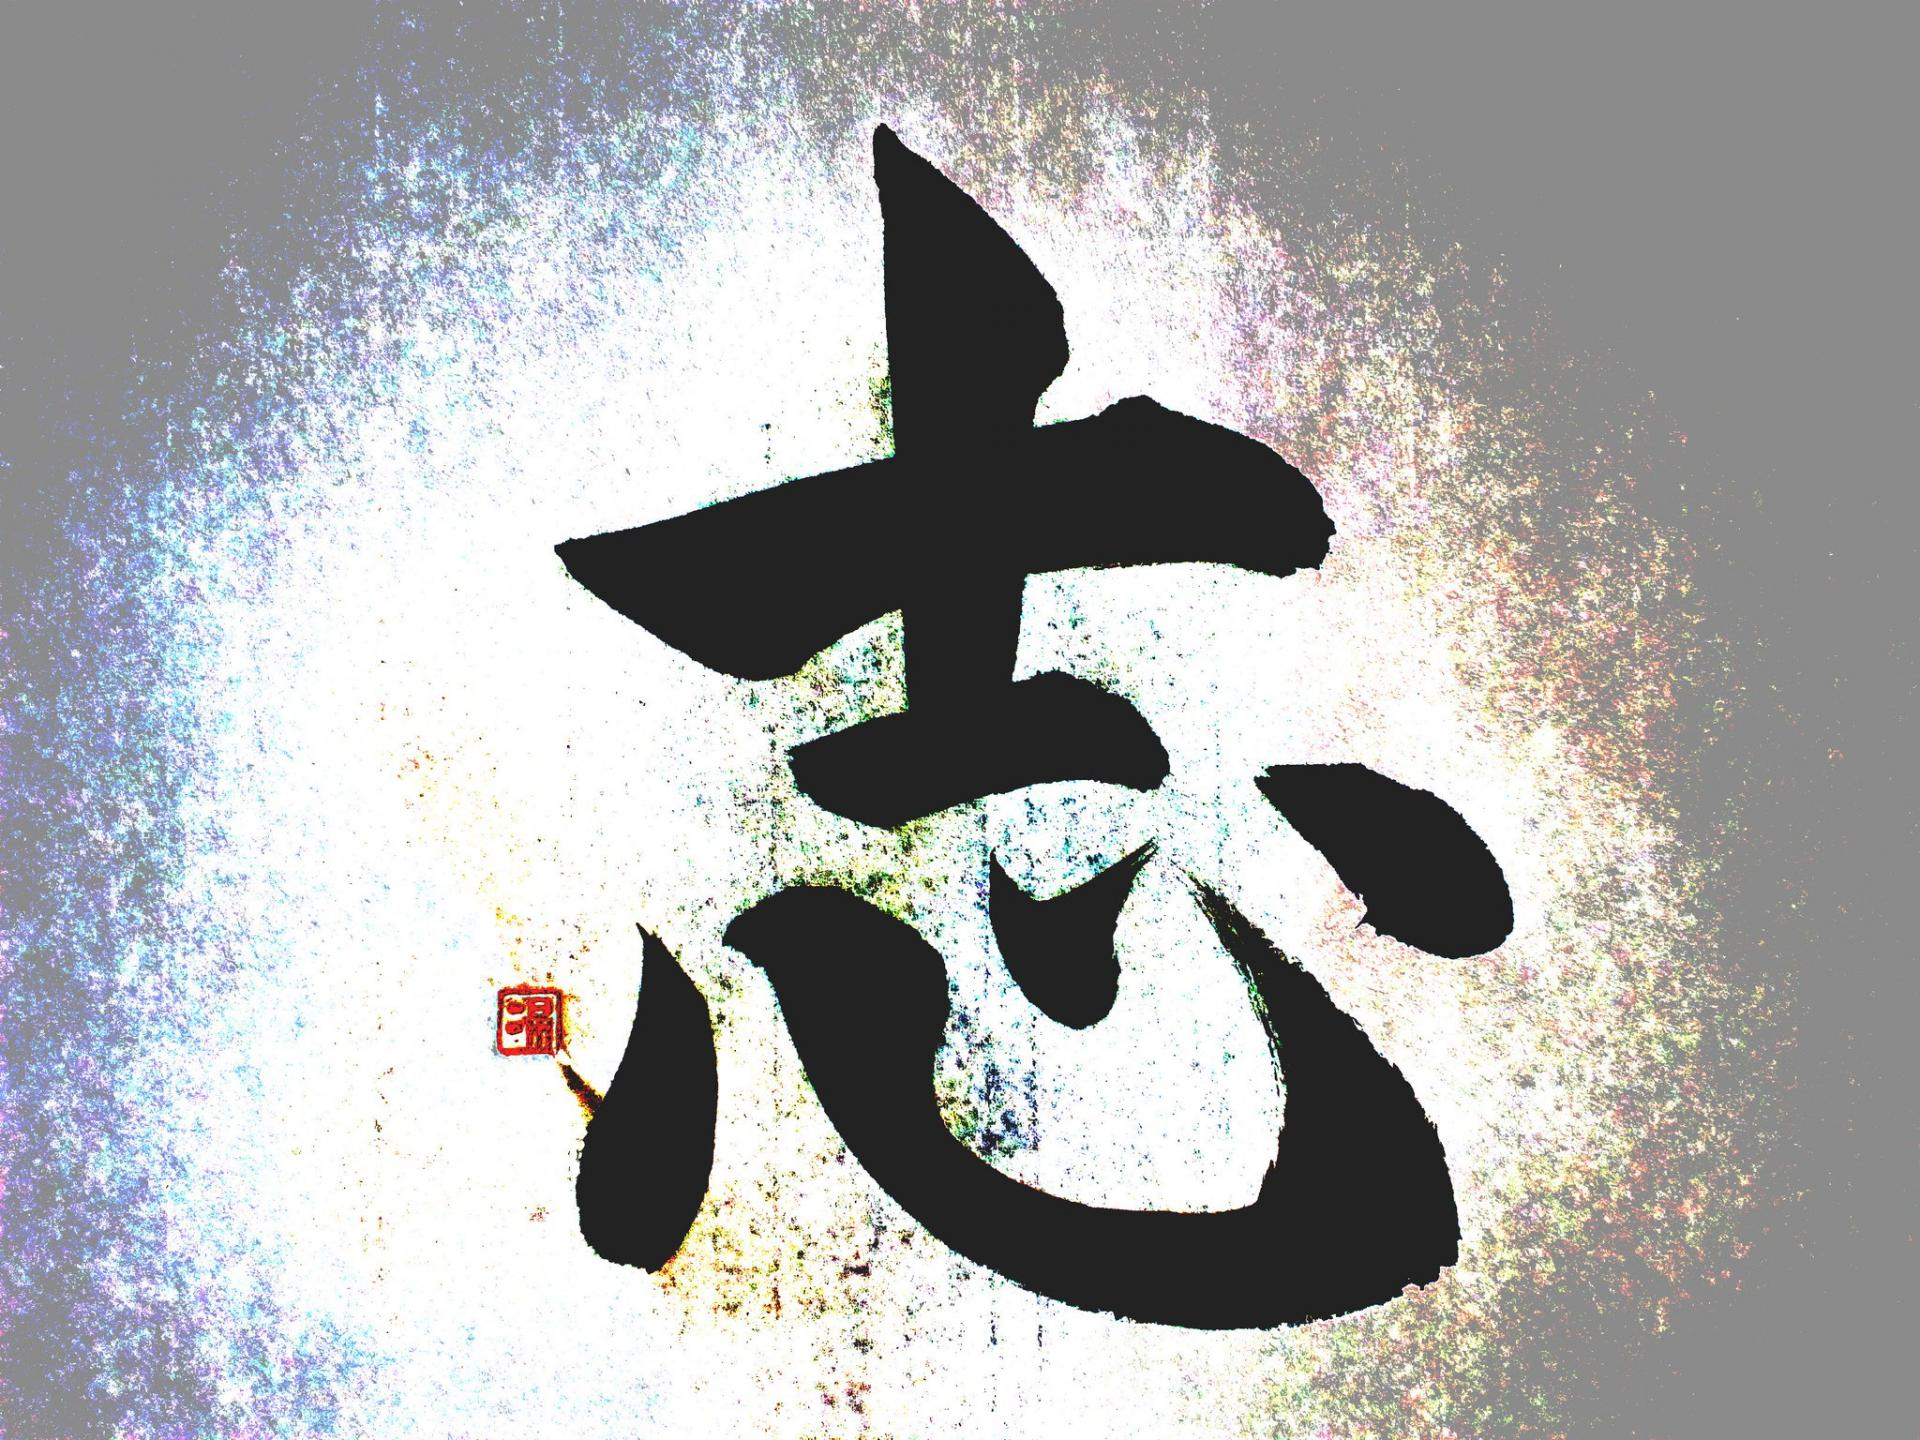 Keji horibe